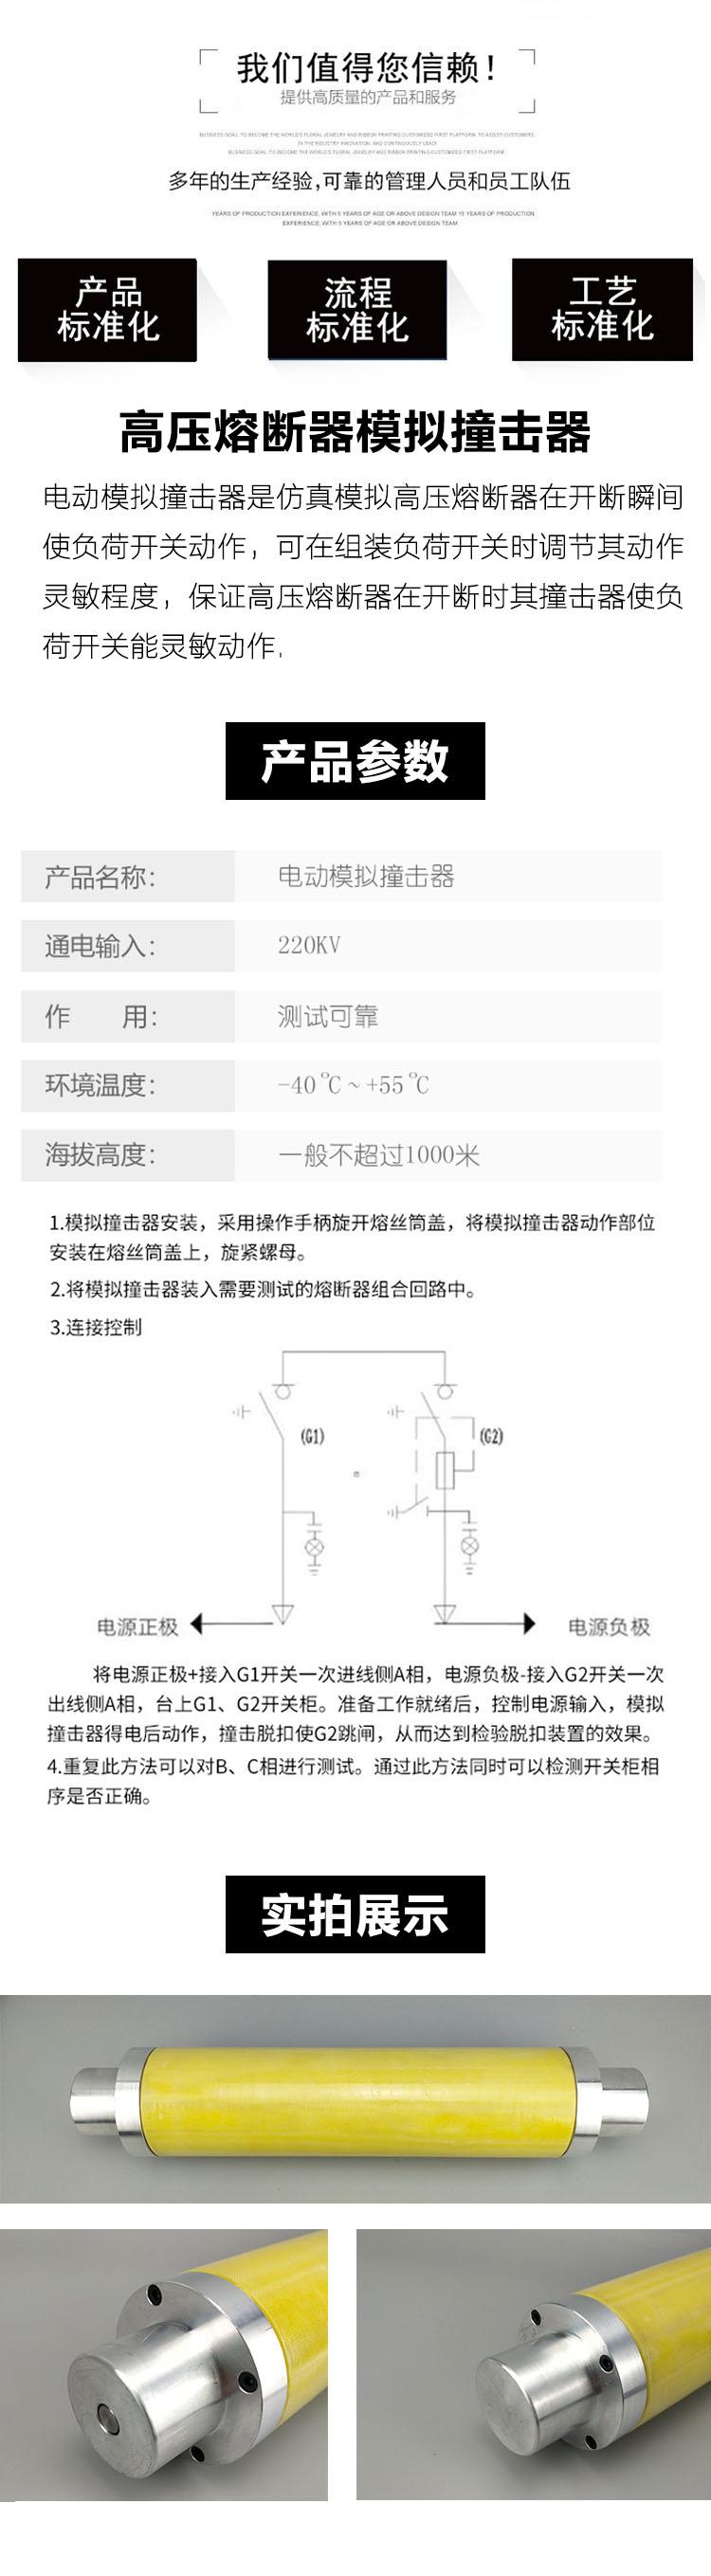 微信图片_20200111123644.jpg